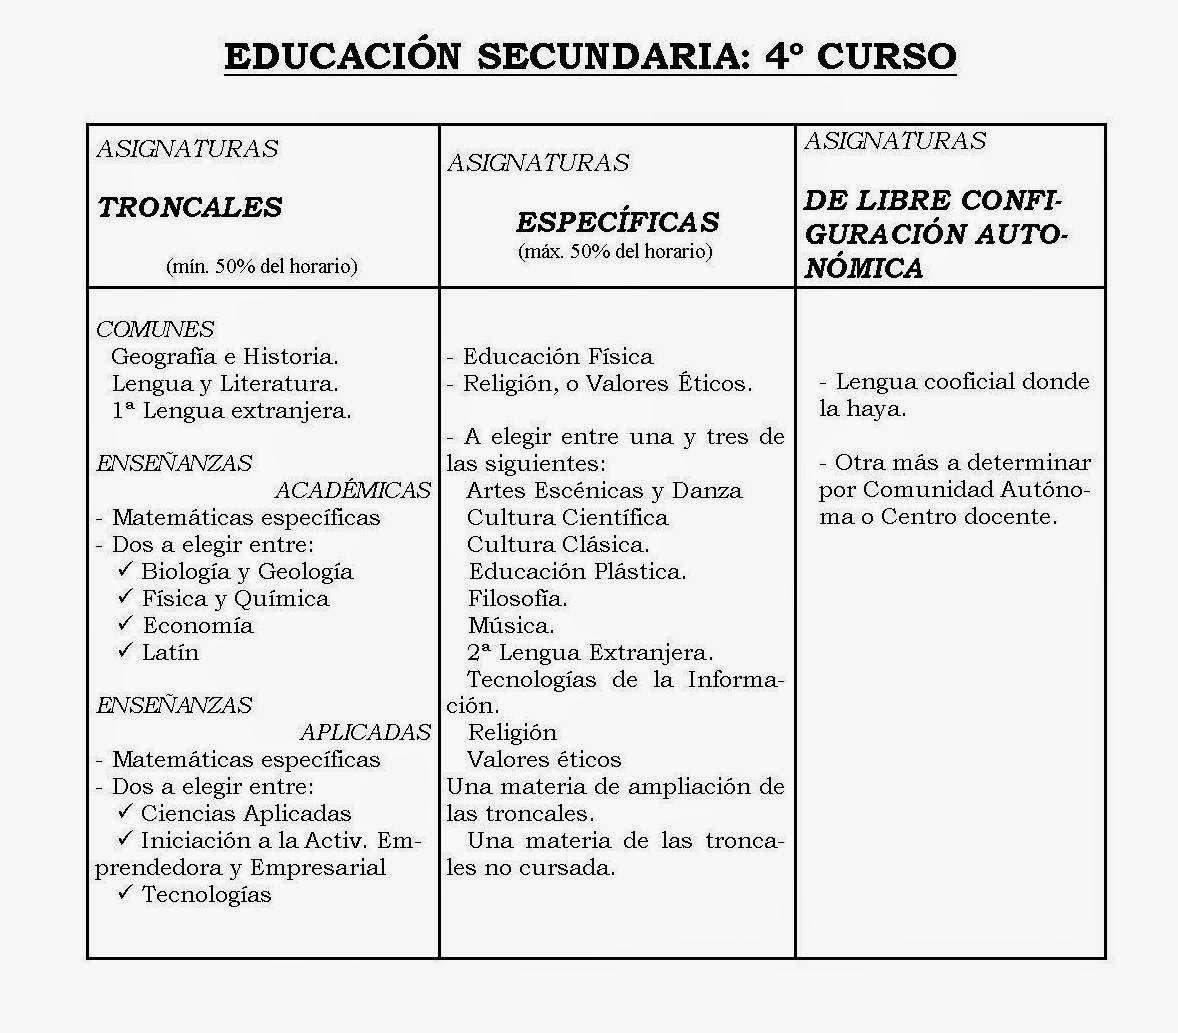 FAMPA Burgos: Currículo de la ESO y Bachillerato